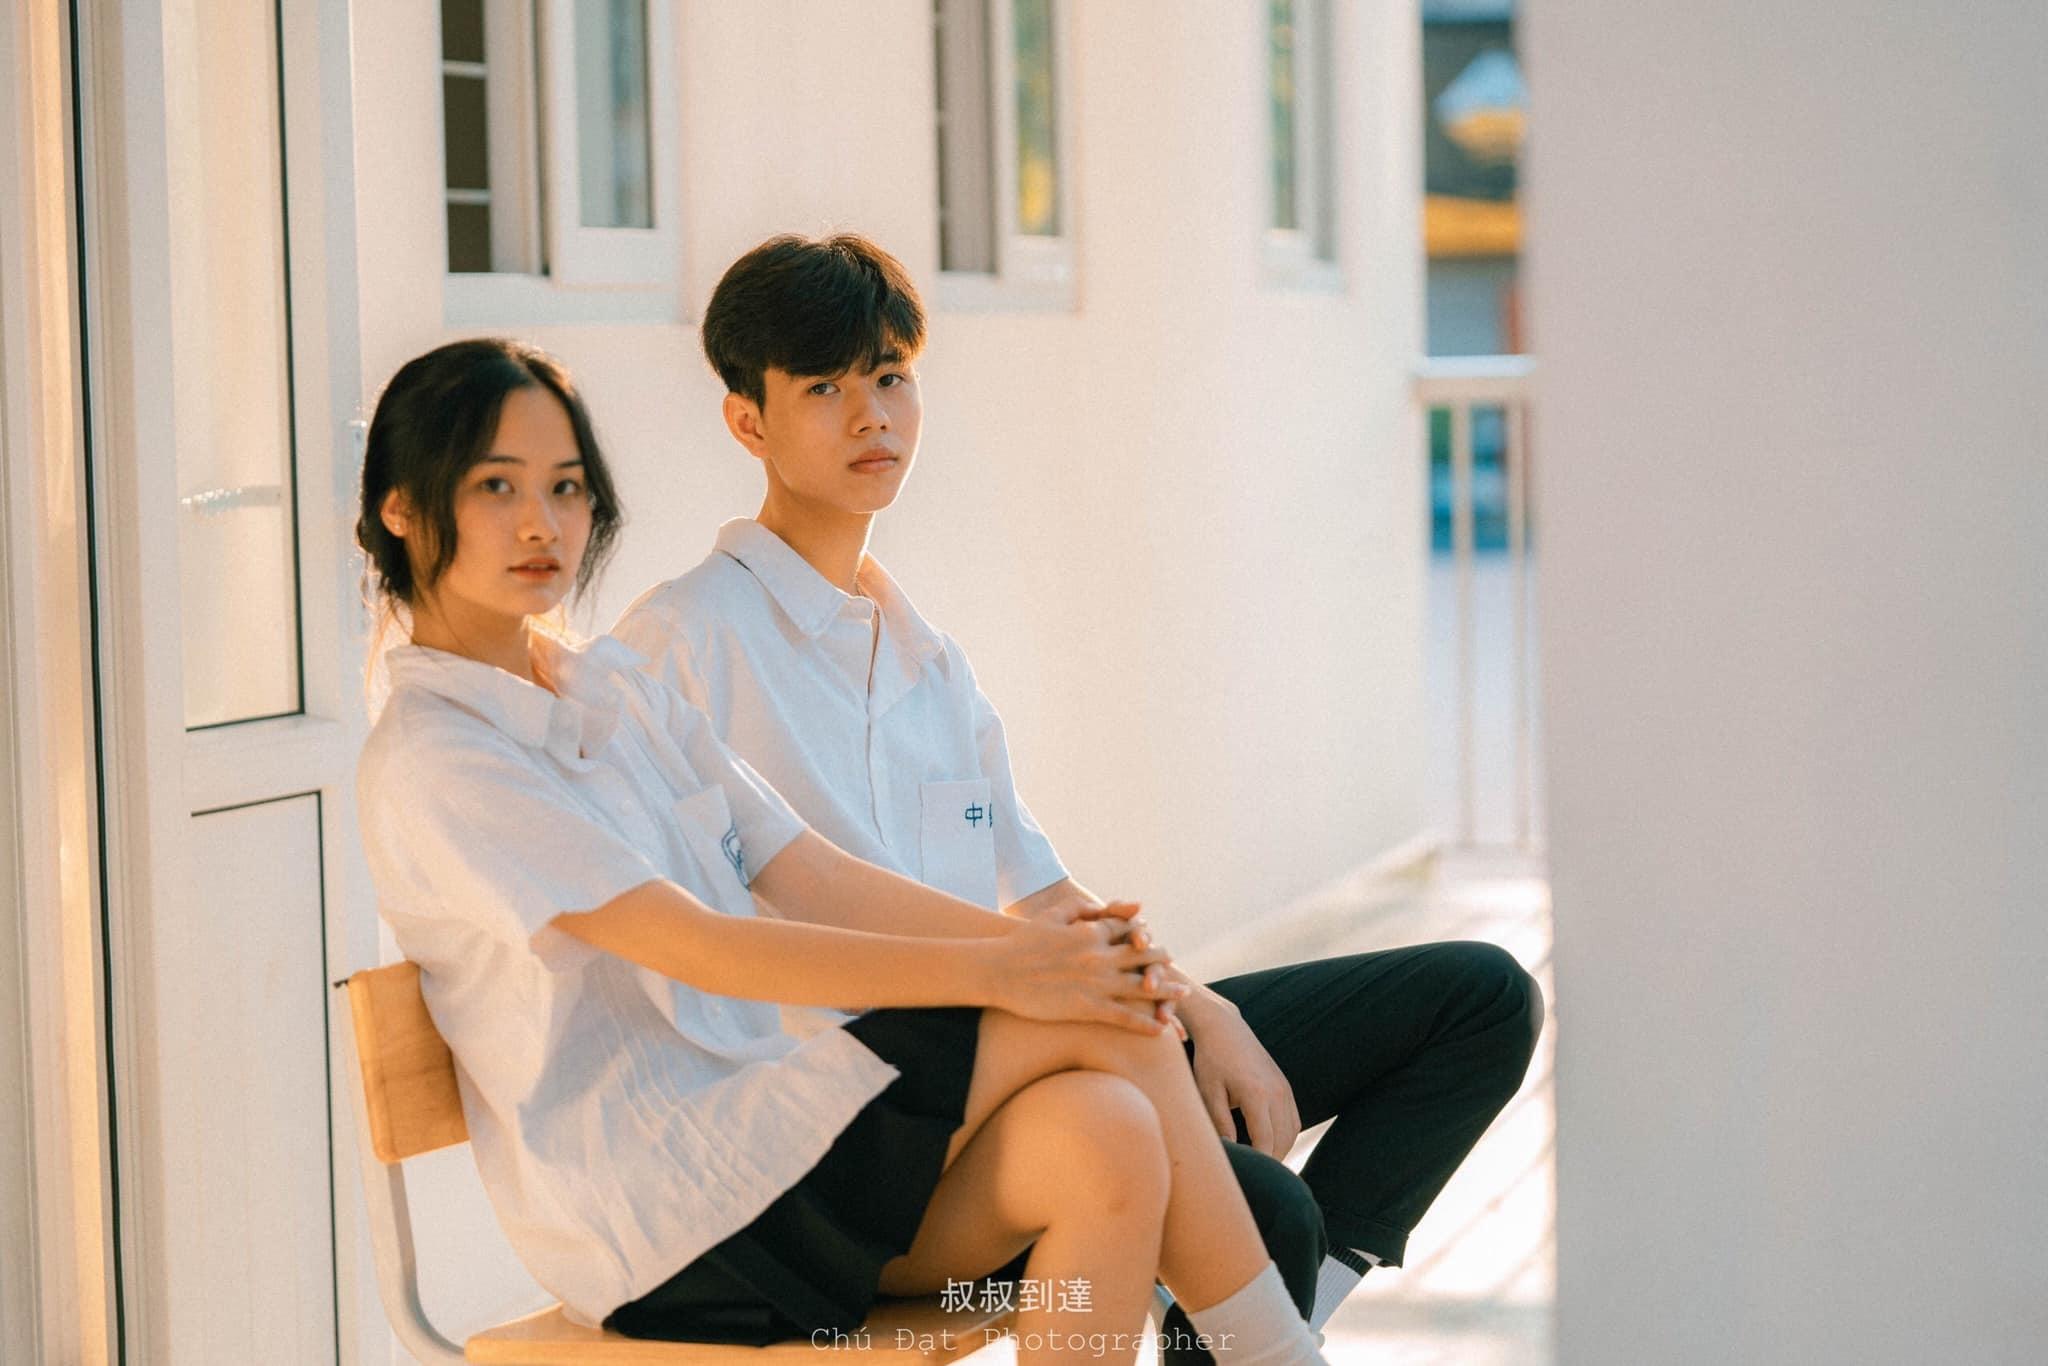 Nhan sắc 'nàng thơ' sở hữu loạt clip cover triệu view trên mạng xã hội